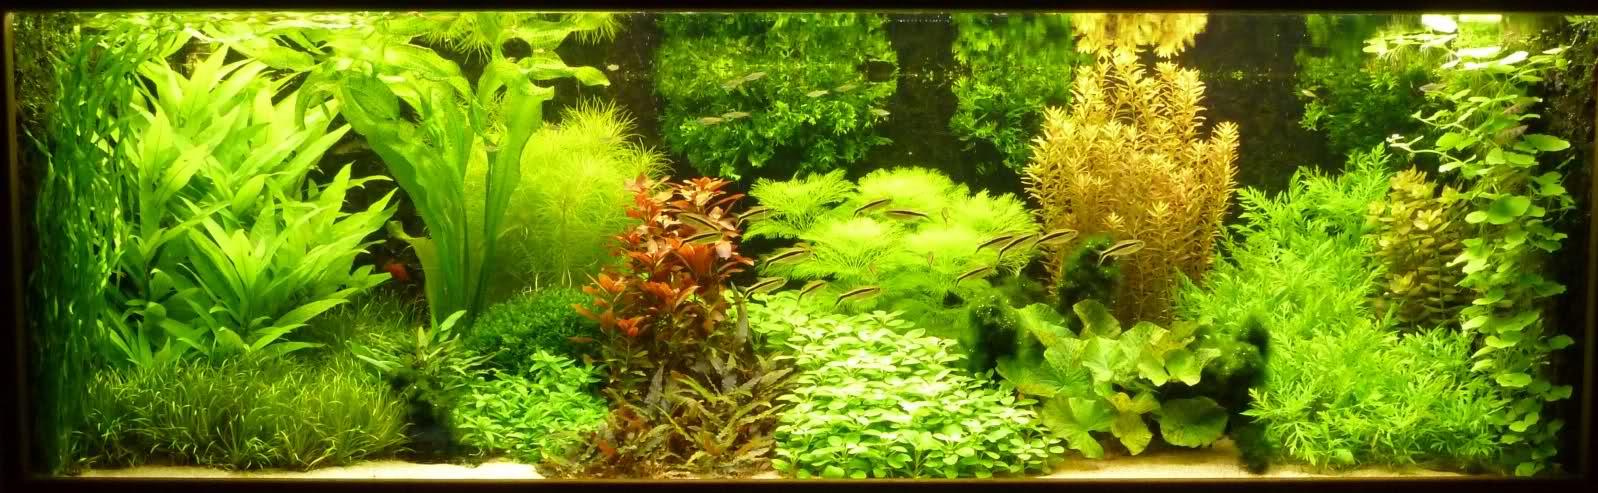 gebruik ph en kh vermindering in aquarium